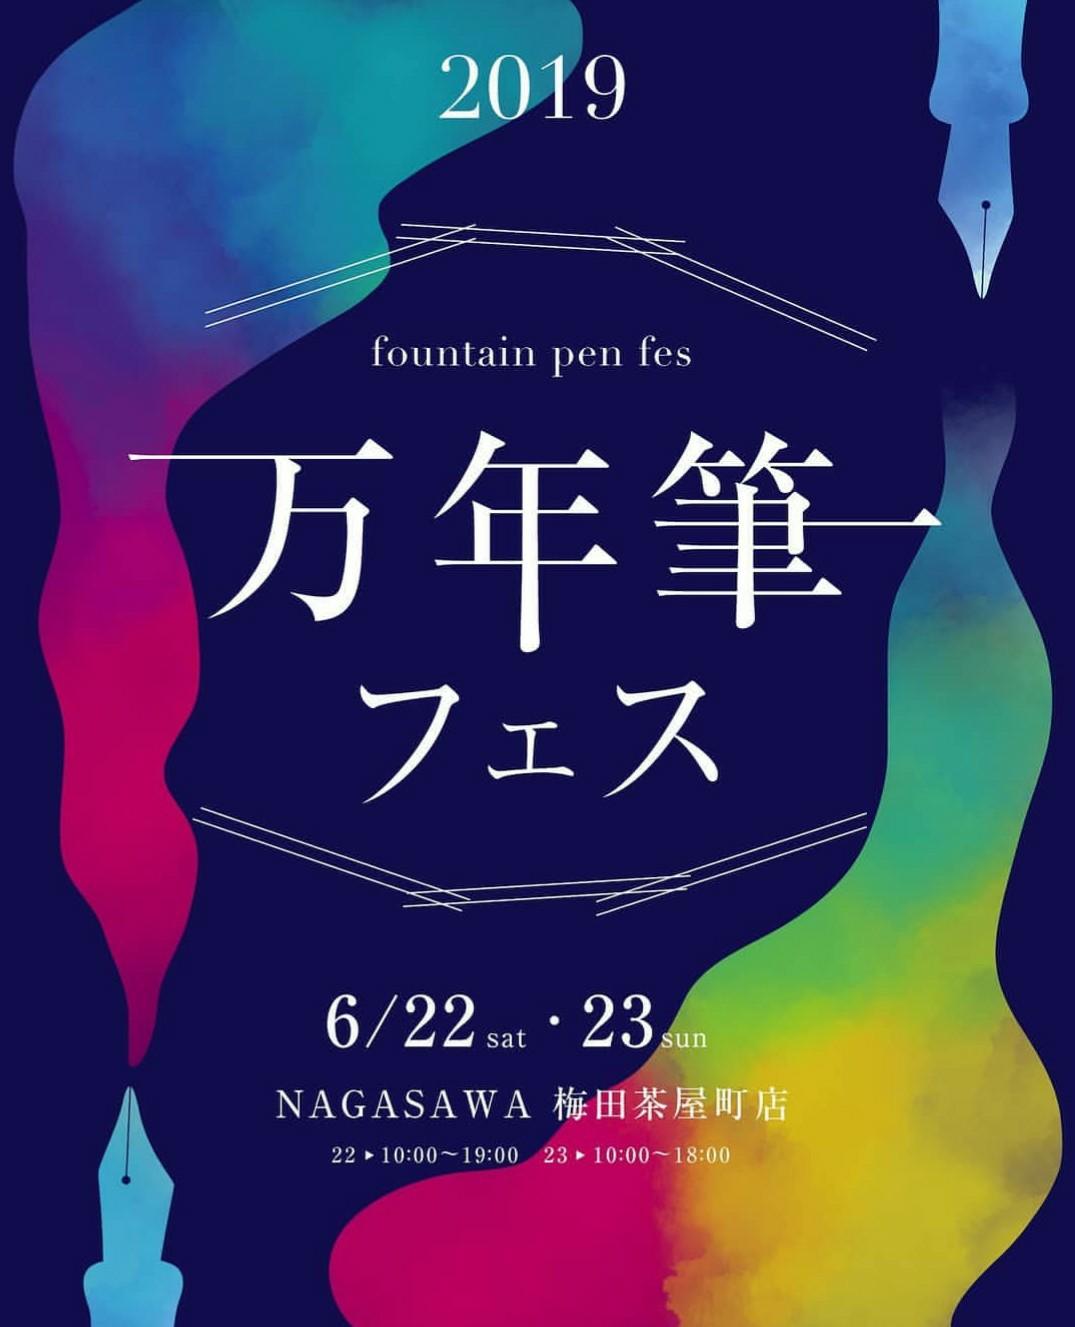 【【梅田茶屋町店】オリジナル商品の先行販売やペンクリニックなど盛りだくさんの梅田万年筆フェス2019